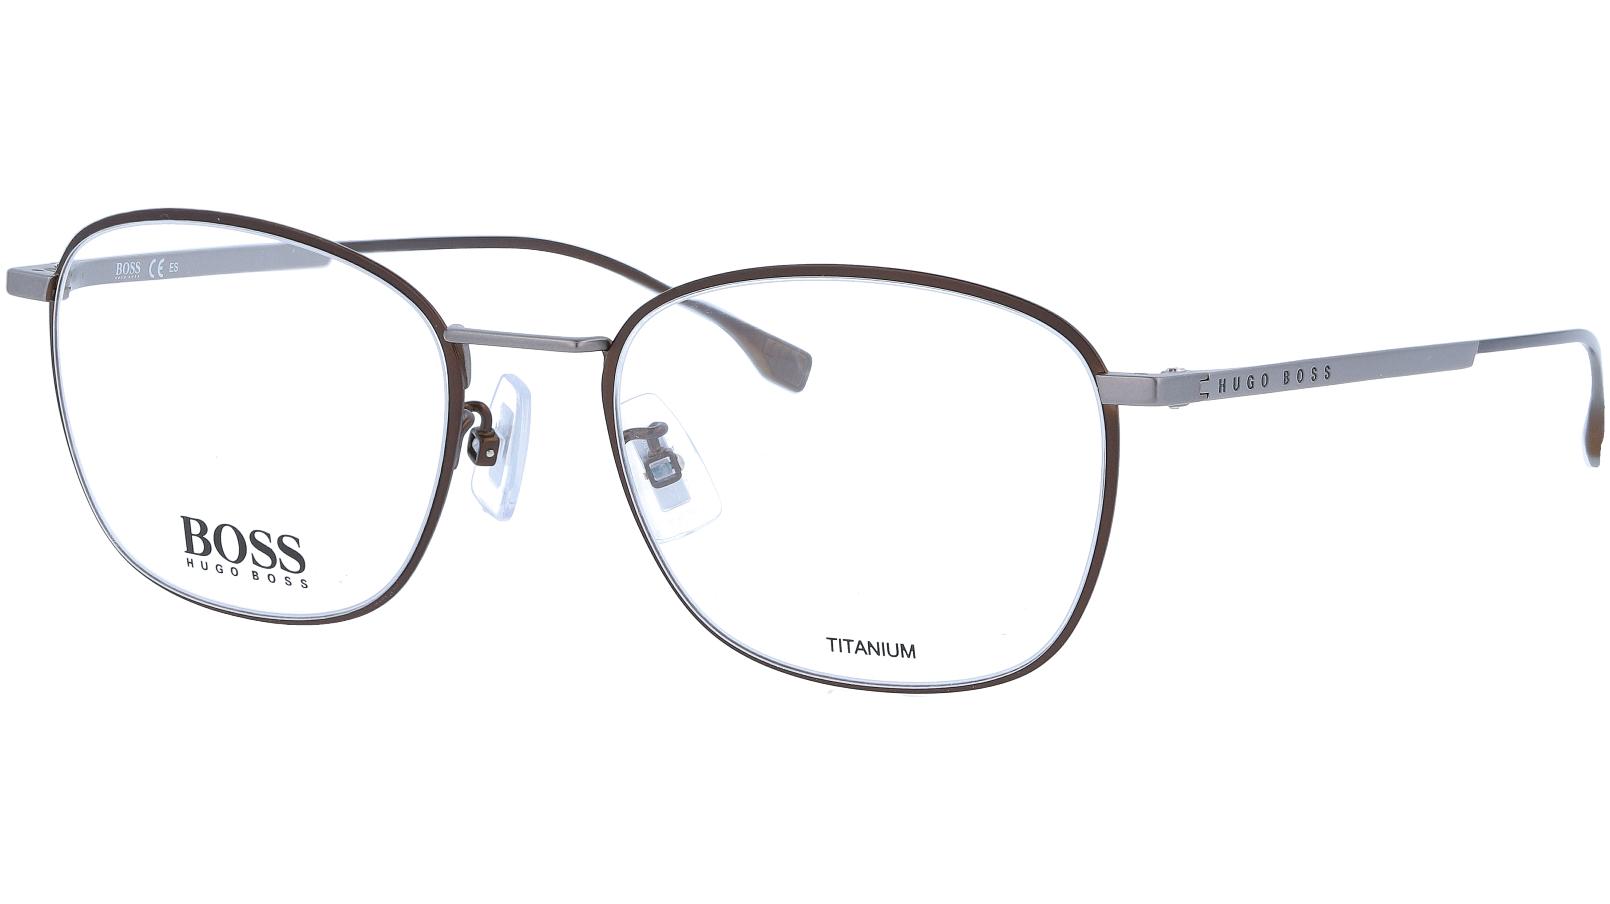 HUGO BOSS BOSS1067/F TY7 53 MATT Glasses